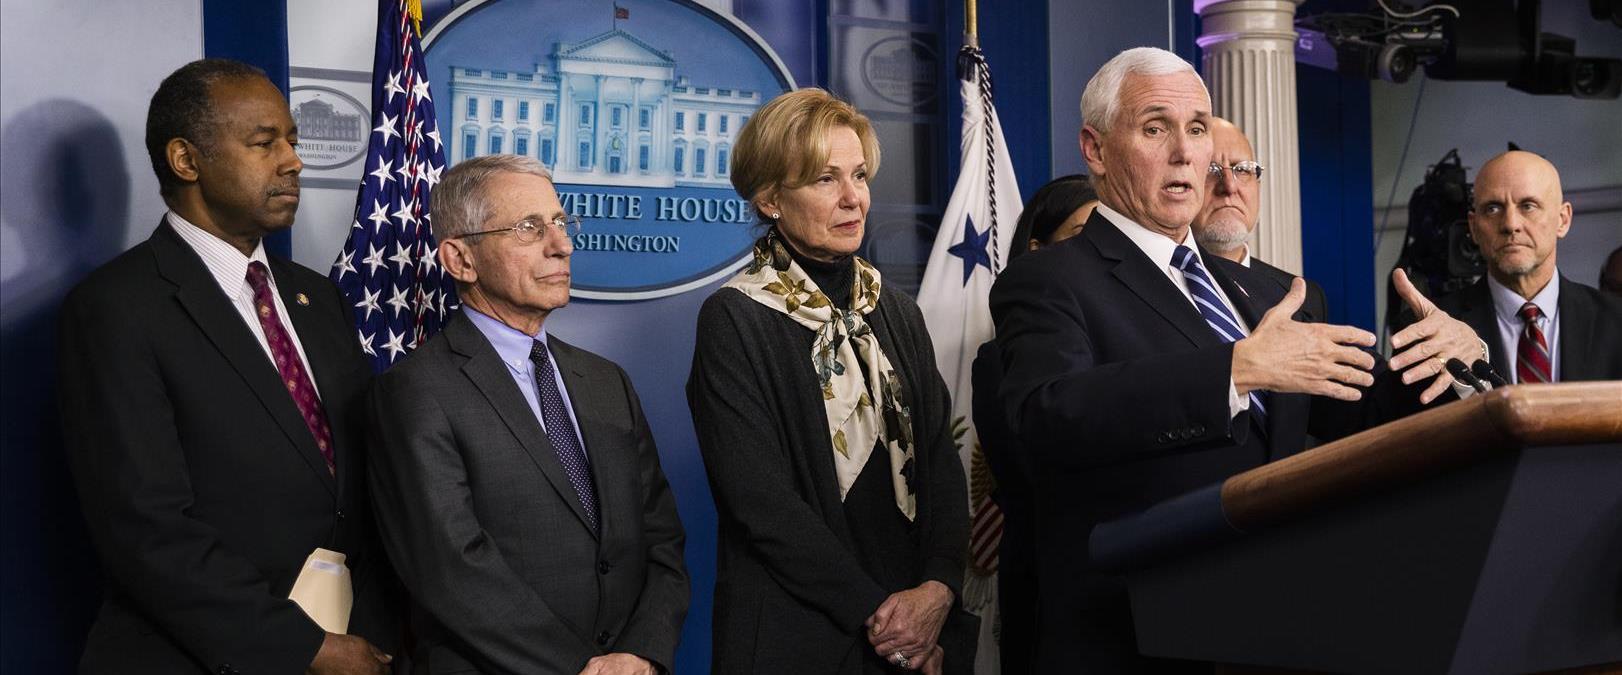 """סגן נשיא ארה""""ב מייק פנס וצוות הבית הלבן לטיפול בקו"""